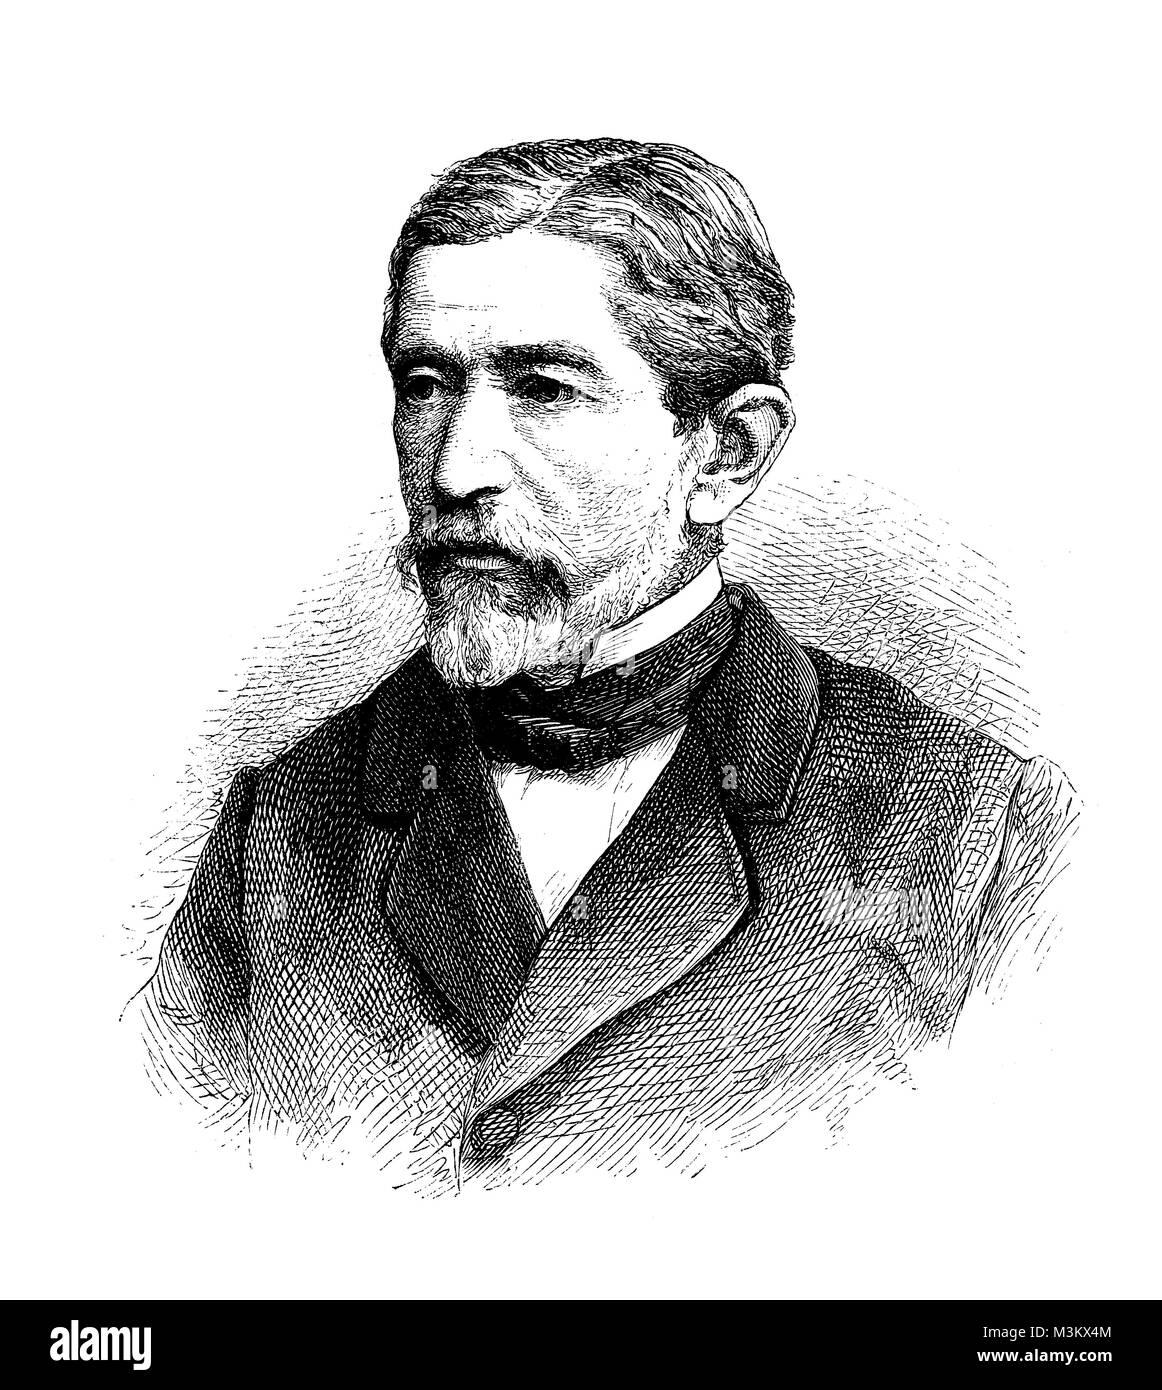 Hermann von Mallinckrodt, German parliamentarian, vintage engraving portrait - Stock Image